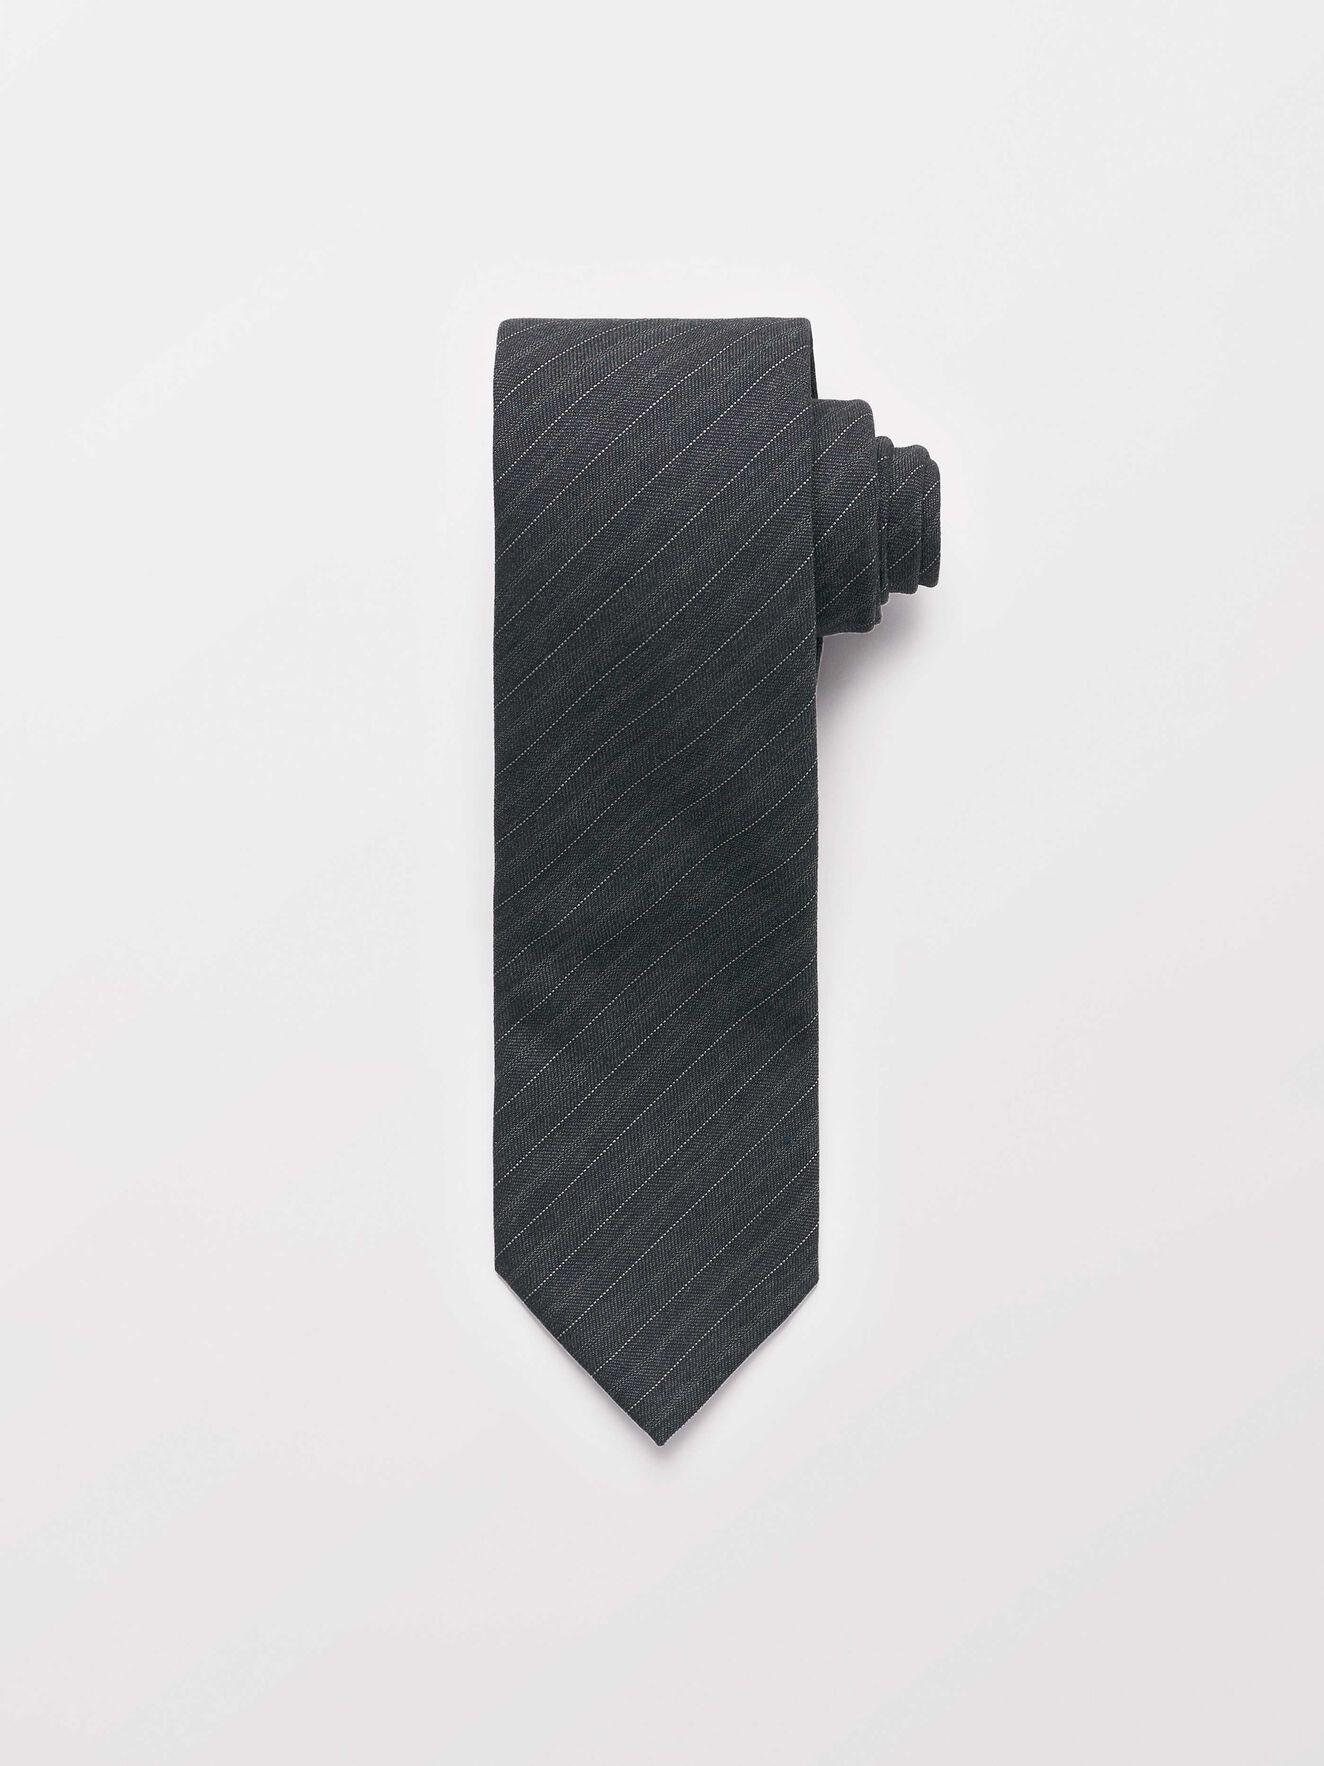 Trage Krawatte in Dark grey Mel from Tiger of Sweden